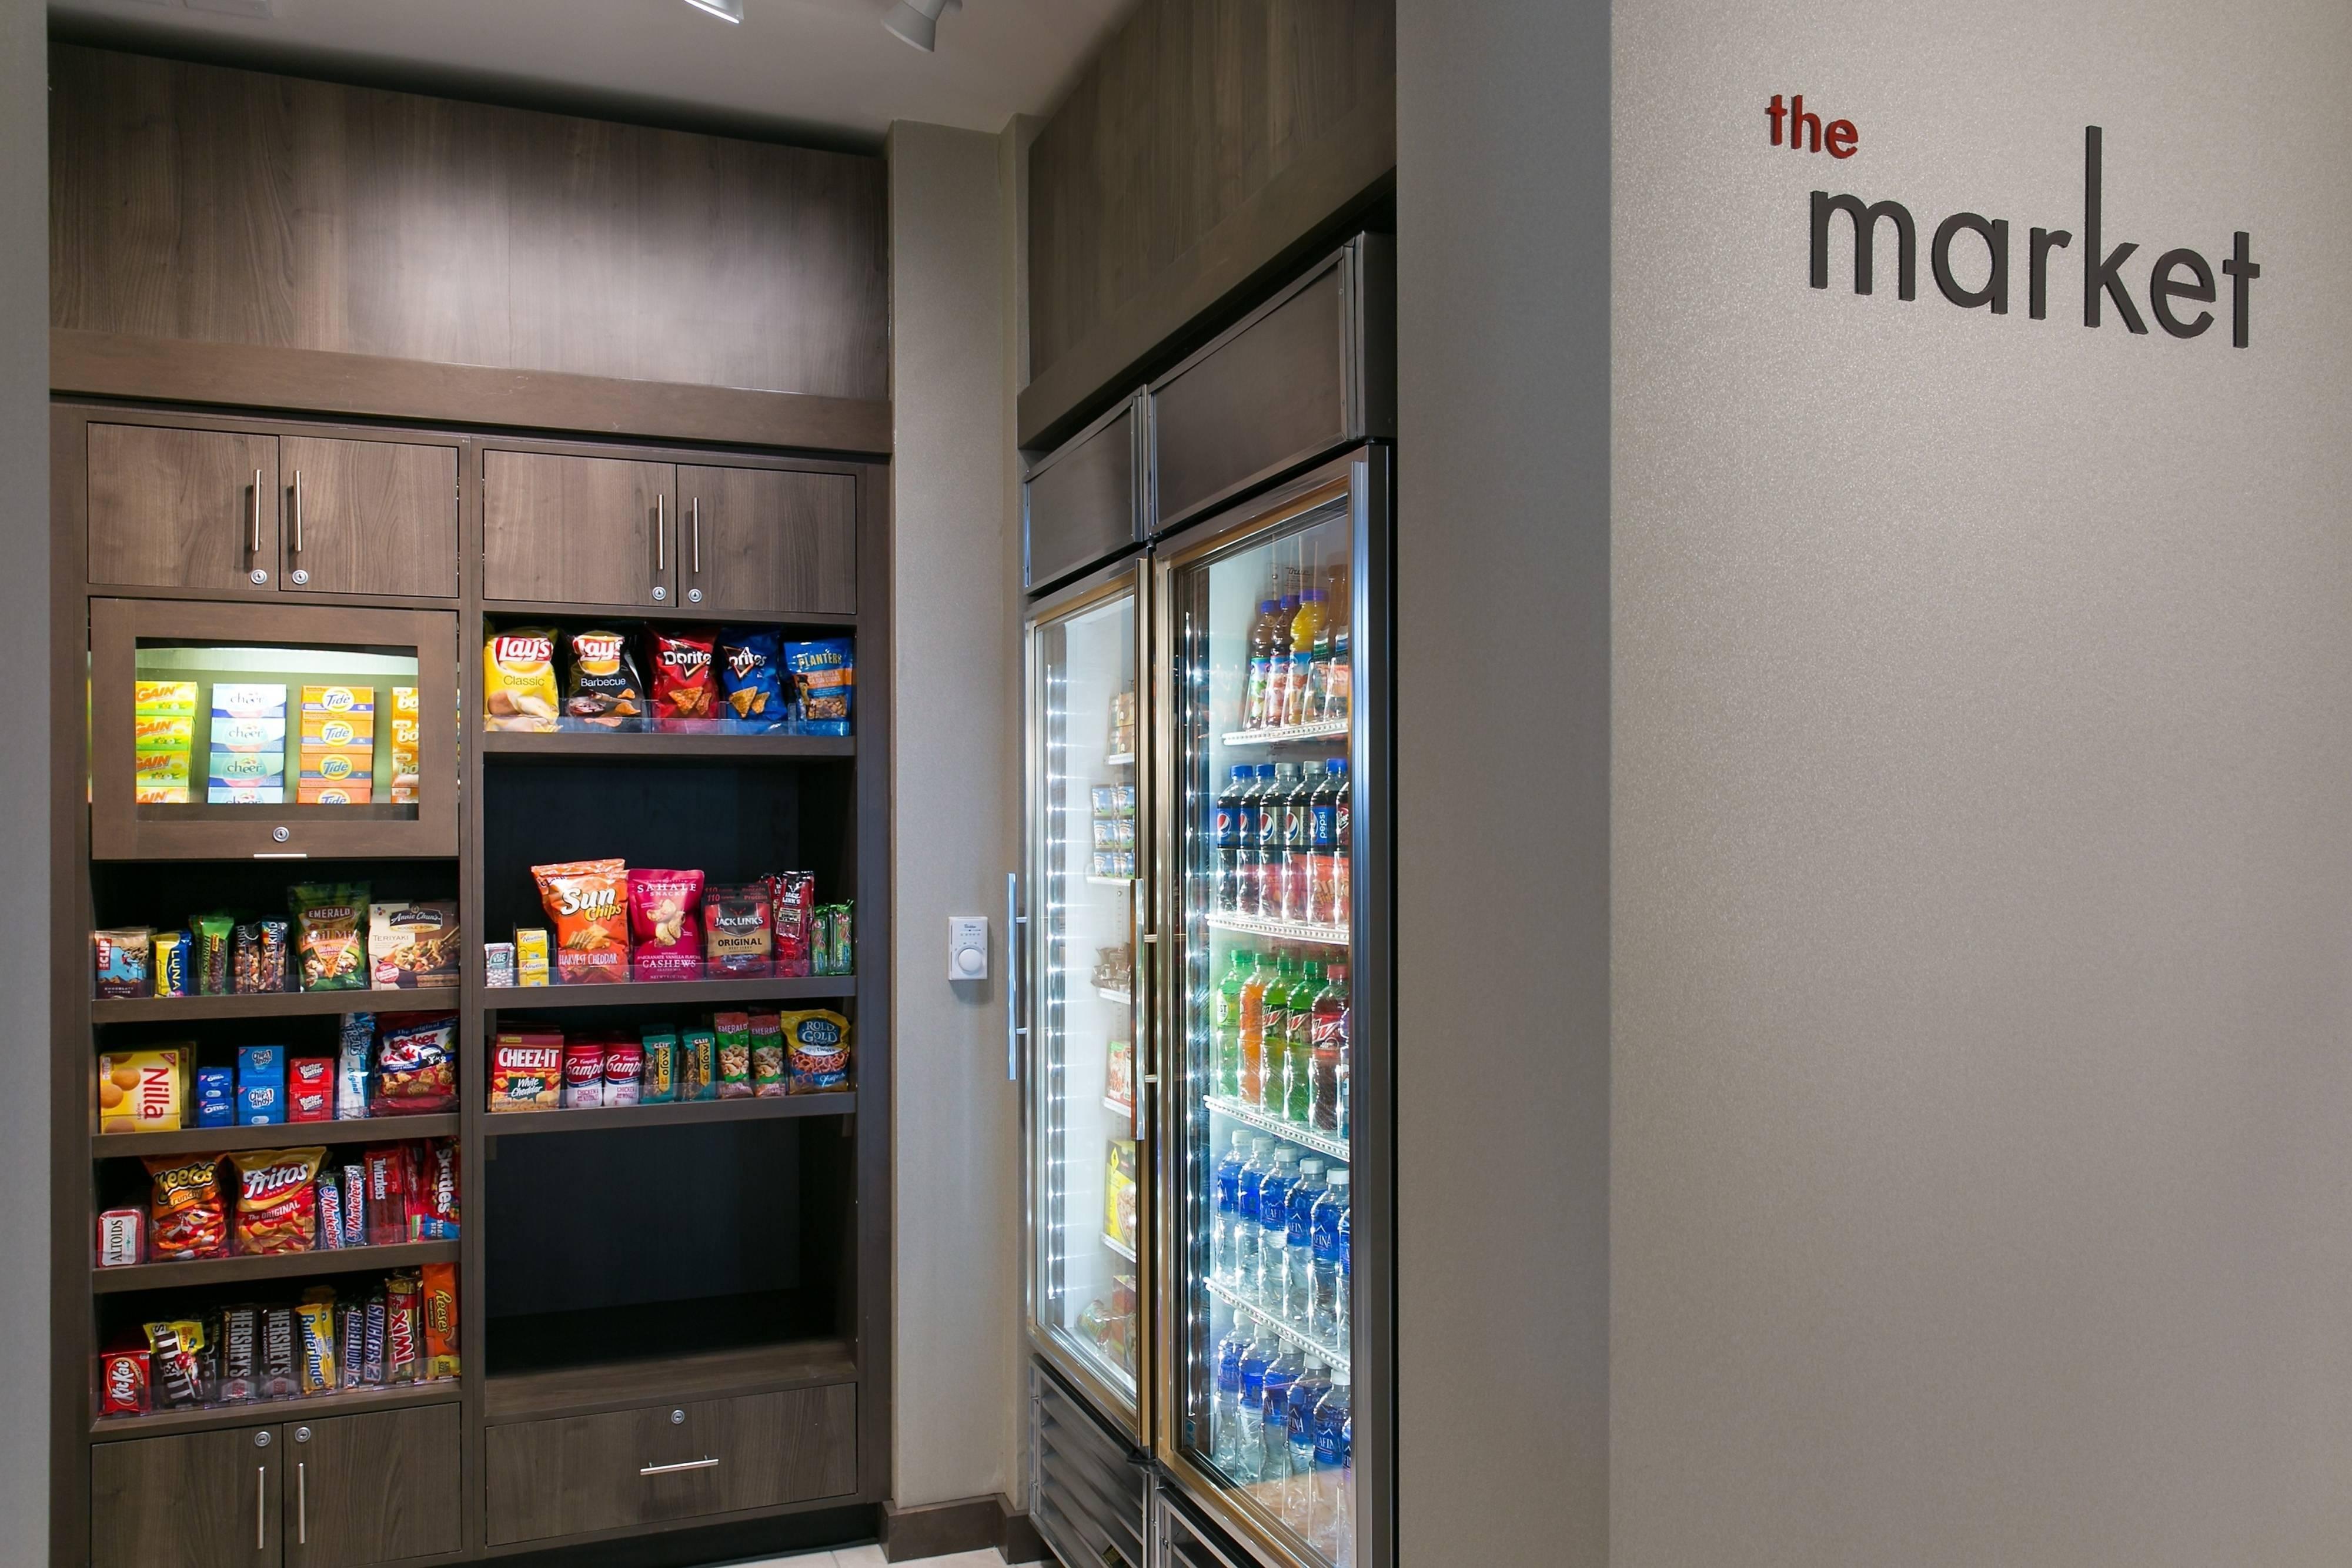 24-Hour On-site Market Food, Beverage, Essentials